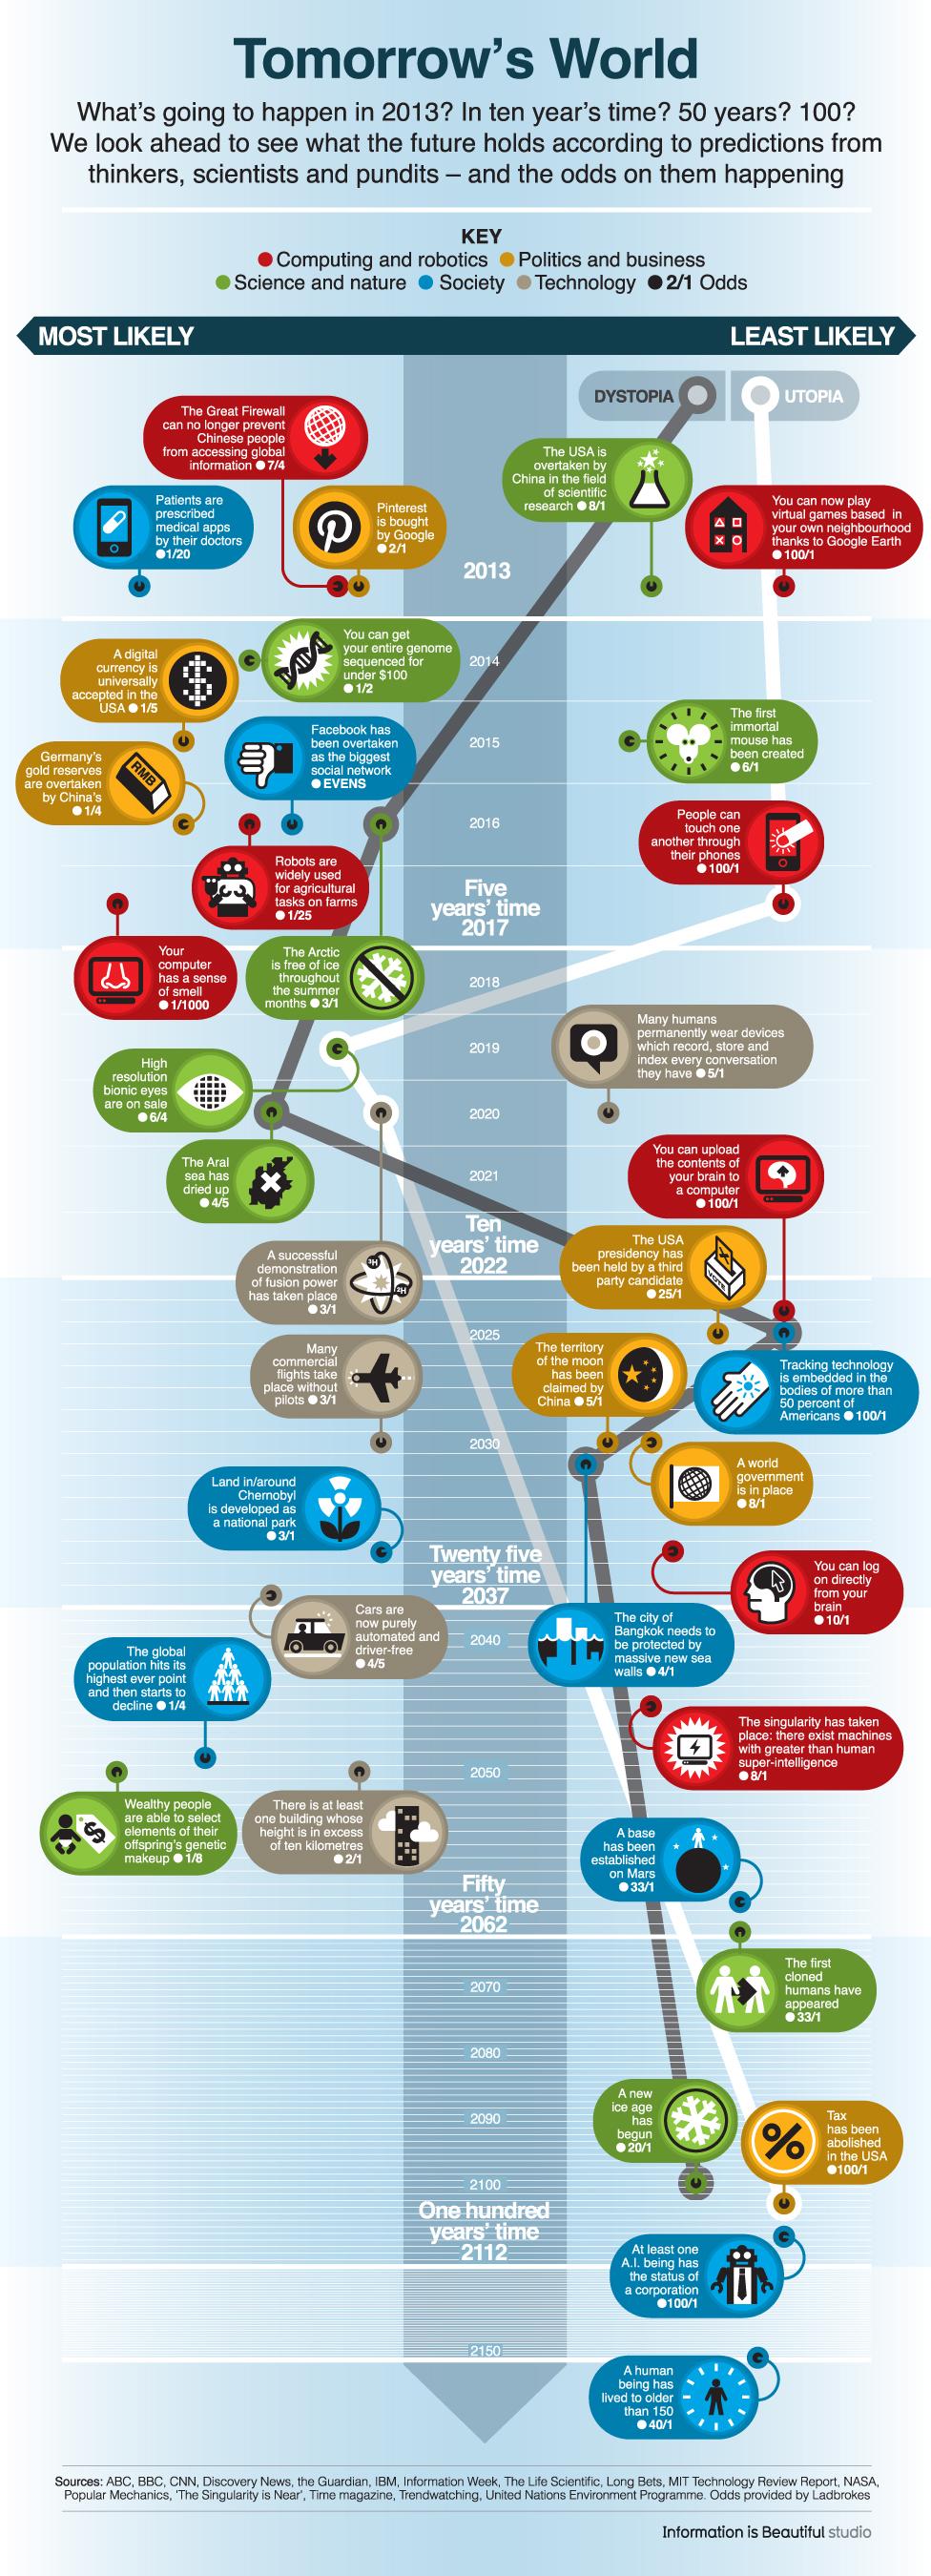 Predicciones para el futuro  2013 – 2150